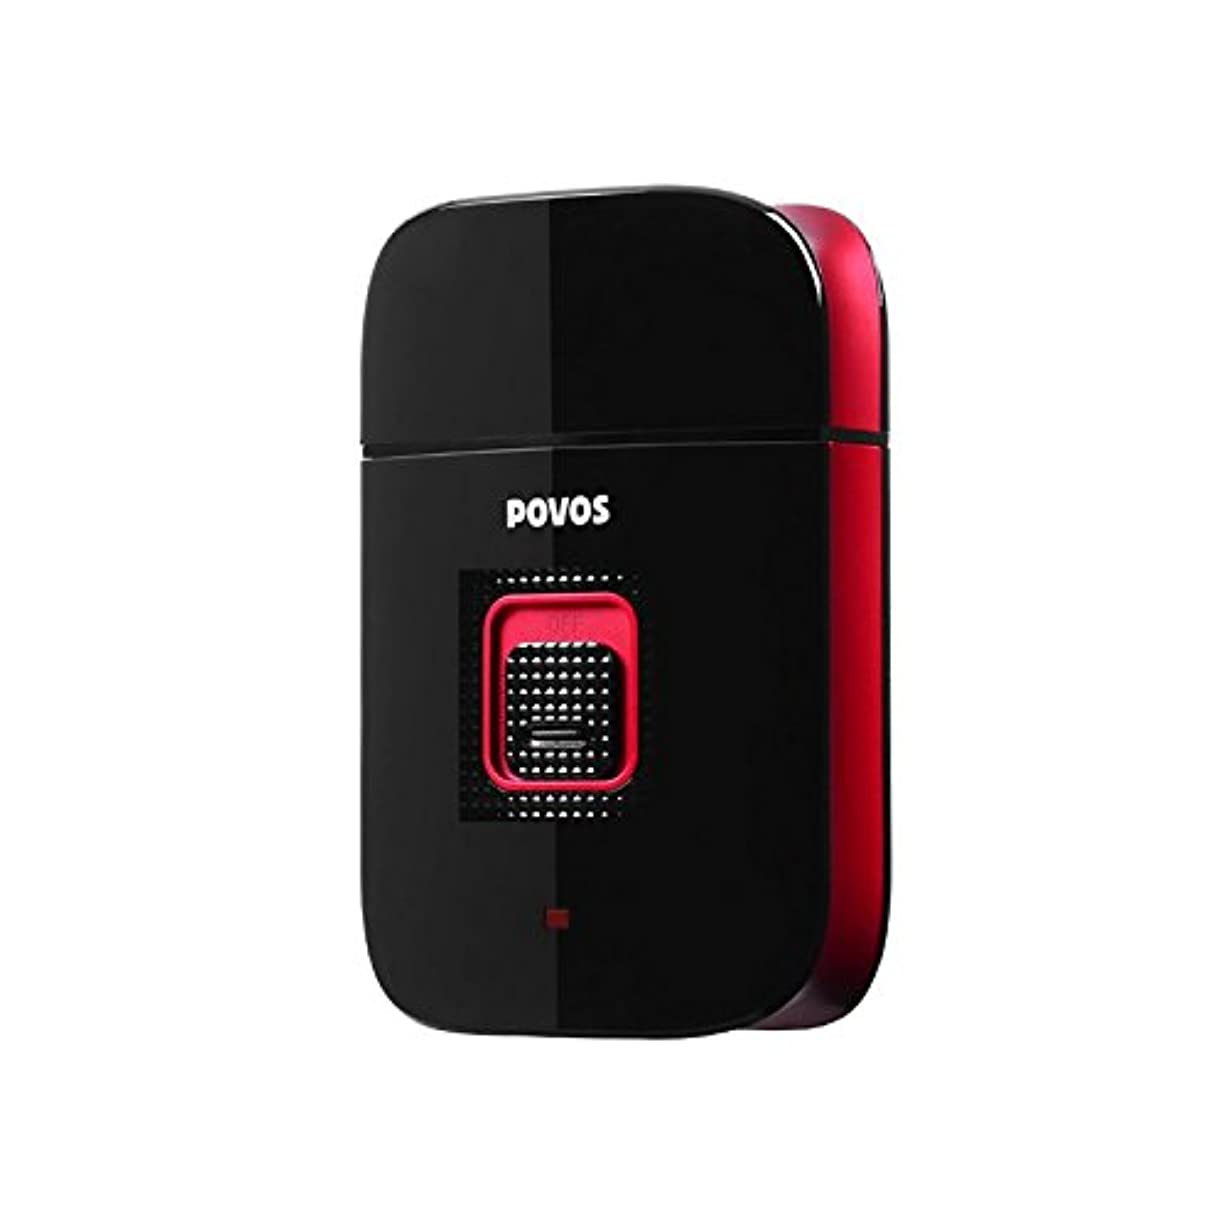 分散フェリーウェイターモバイルシェーバー、micro USB端子ケーブルで充電可能、水洗い可能 SMUS32